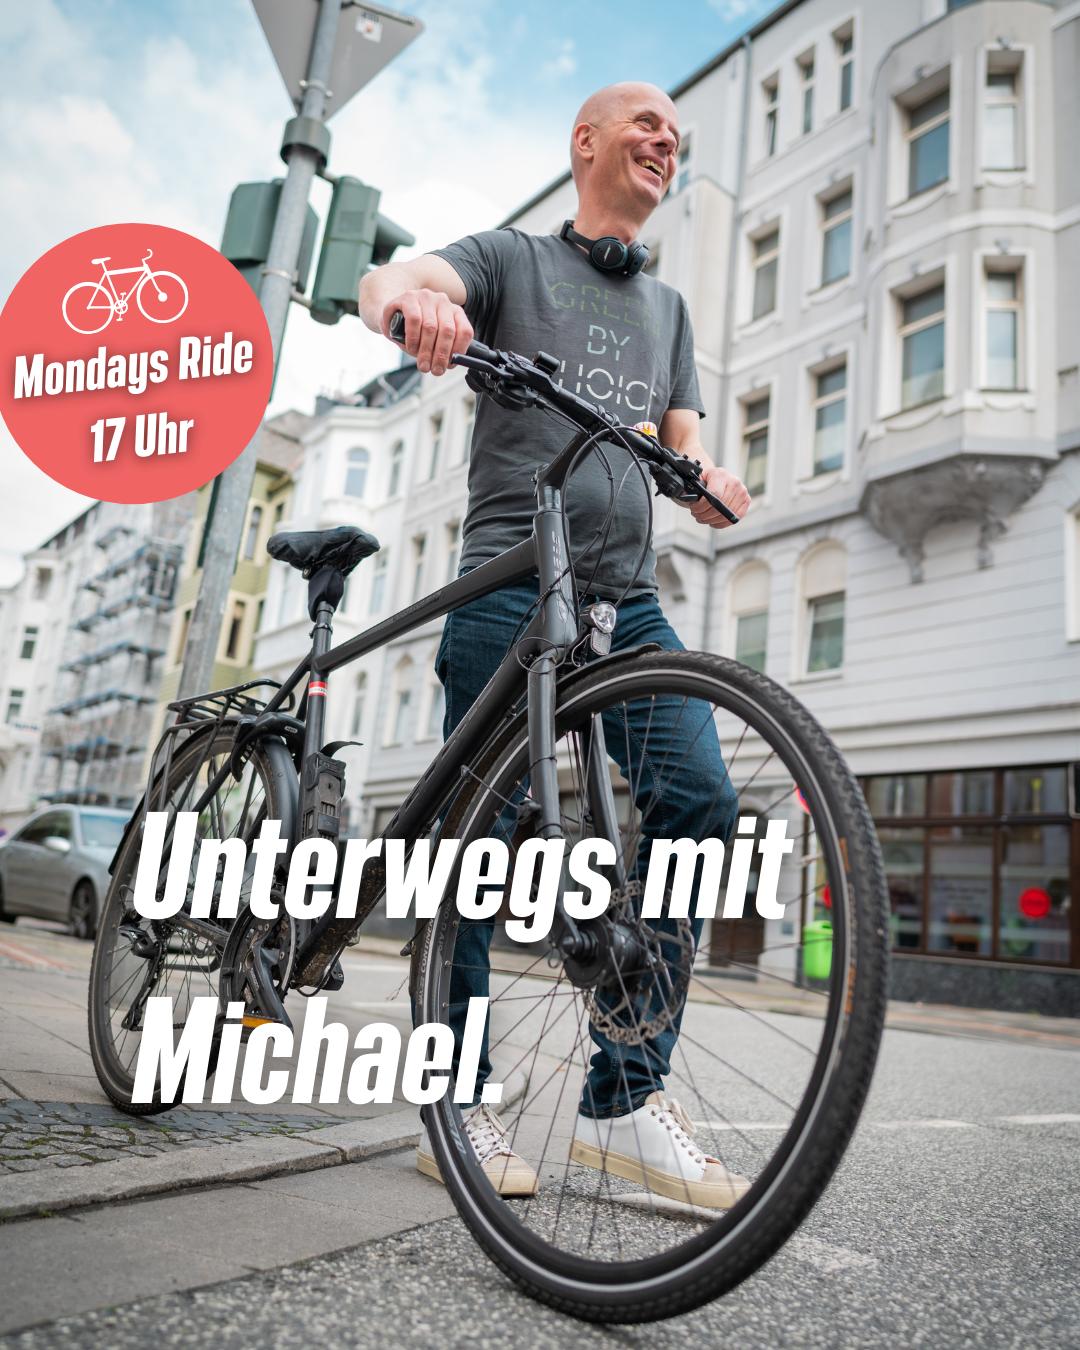 """""""Unterwegs mit Michael"""" – Mondays ride durch den Bremerhavener Norden"""